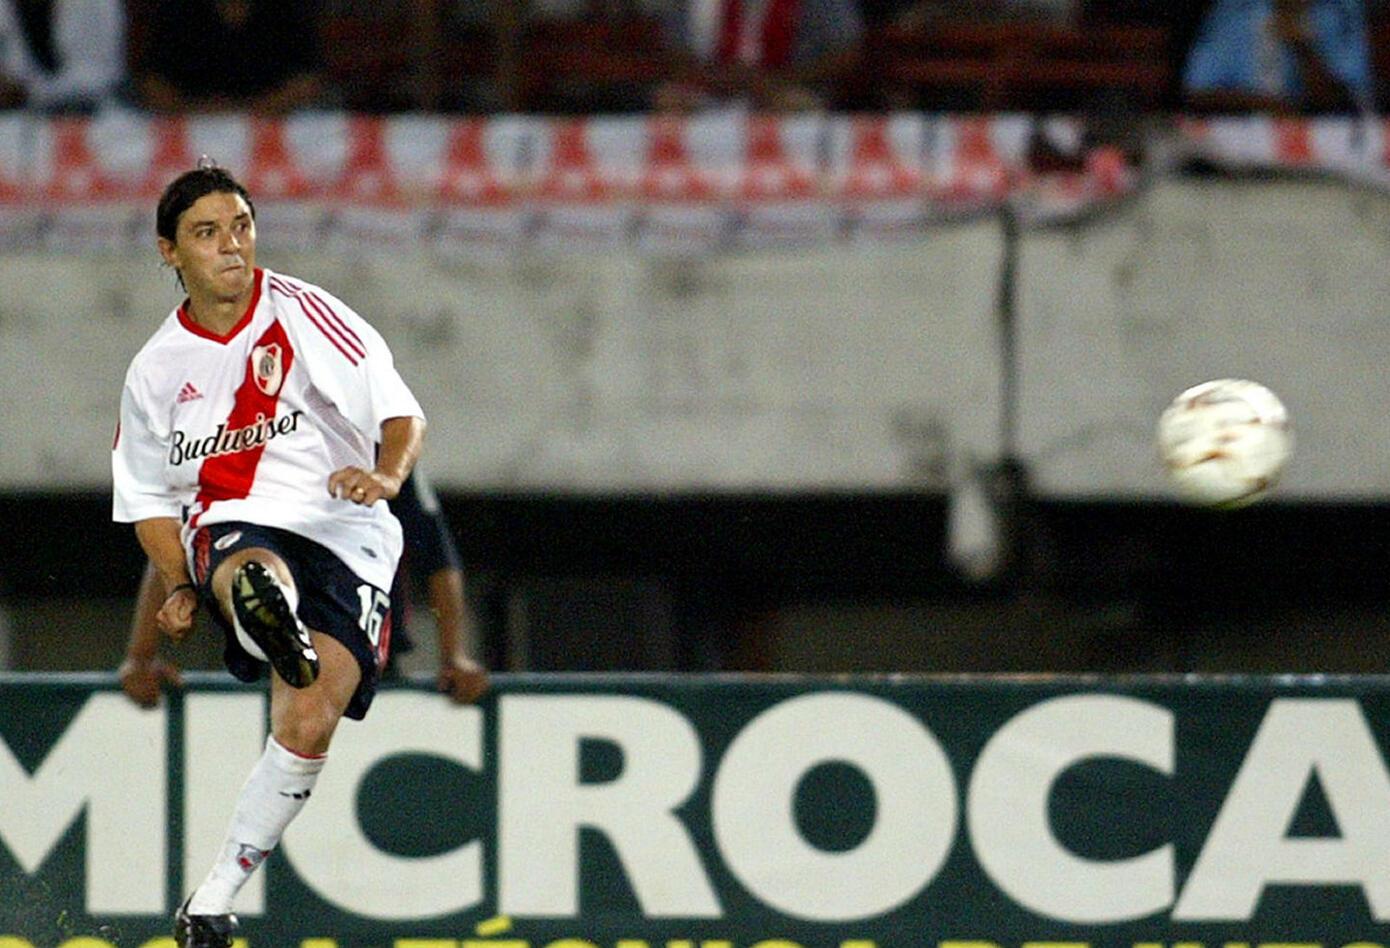 8. Marcelo Gallardo. Debutó en primera en 1993 con Passarella y jugó hasta 1999. En su pasó por el equipo millonario obtuvo cinco títulos locales, la Copa Libertadores del 1996 y la Supercopa 1997.